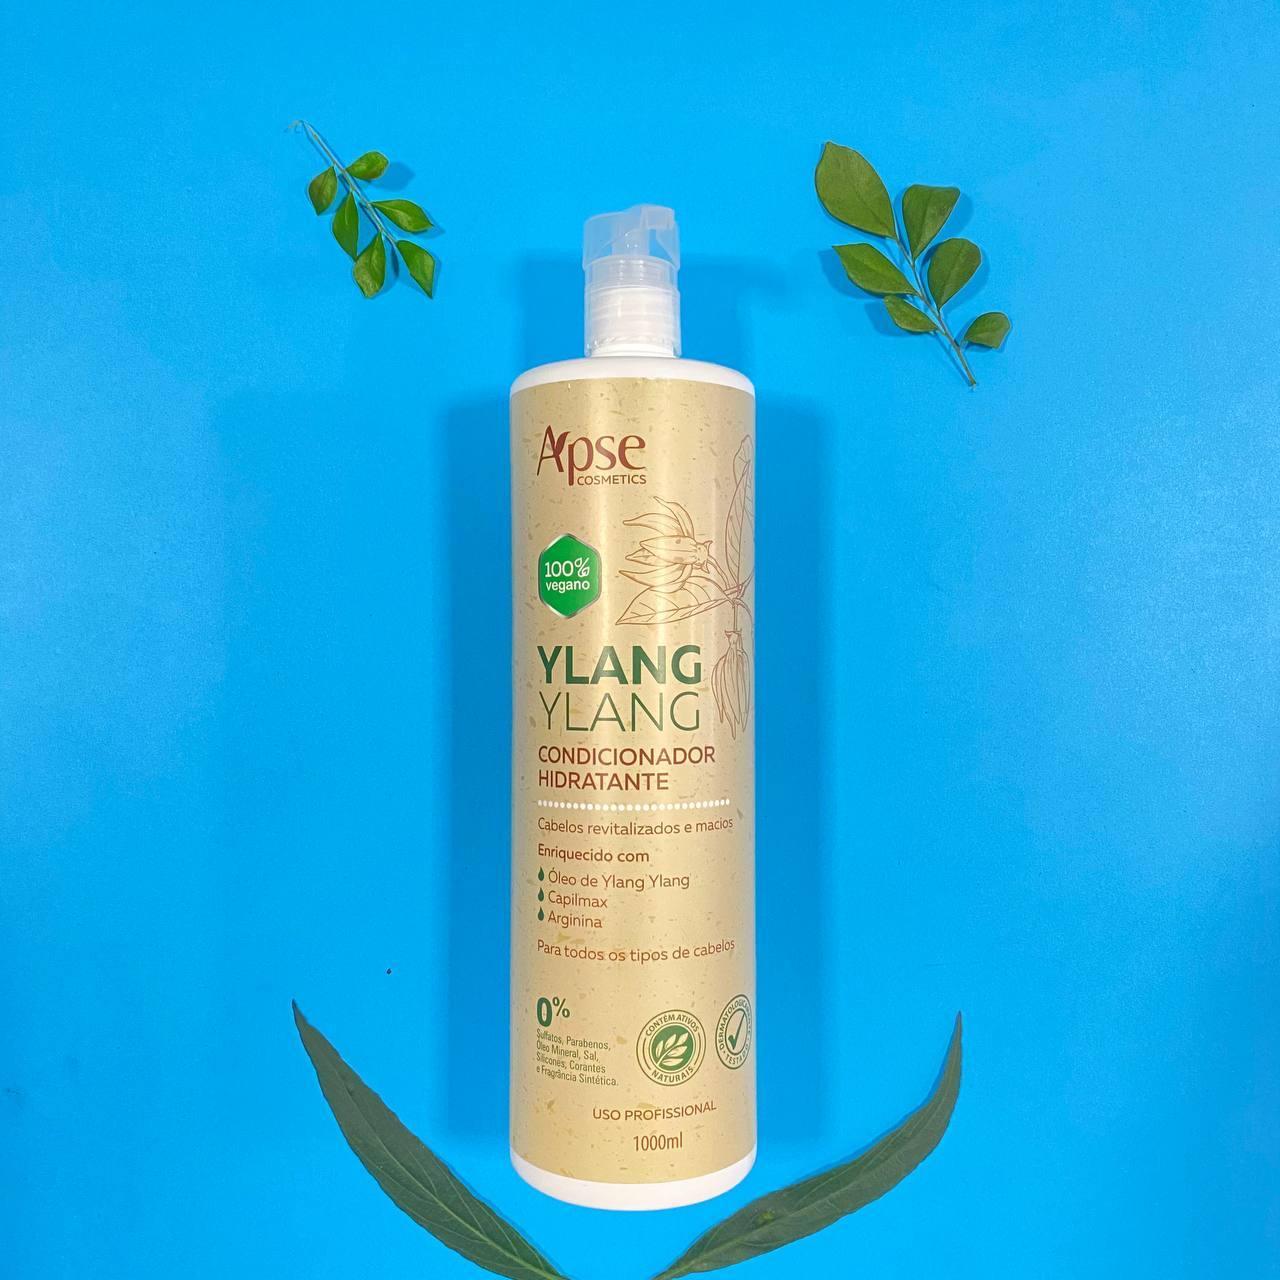 Condicionador Hidratante Ylang Ylang - Apse Cosmetics 1000ml